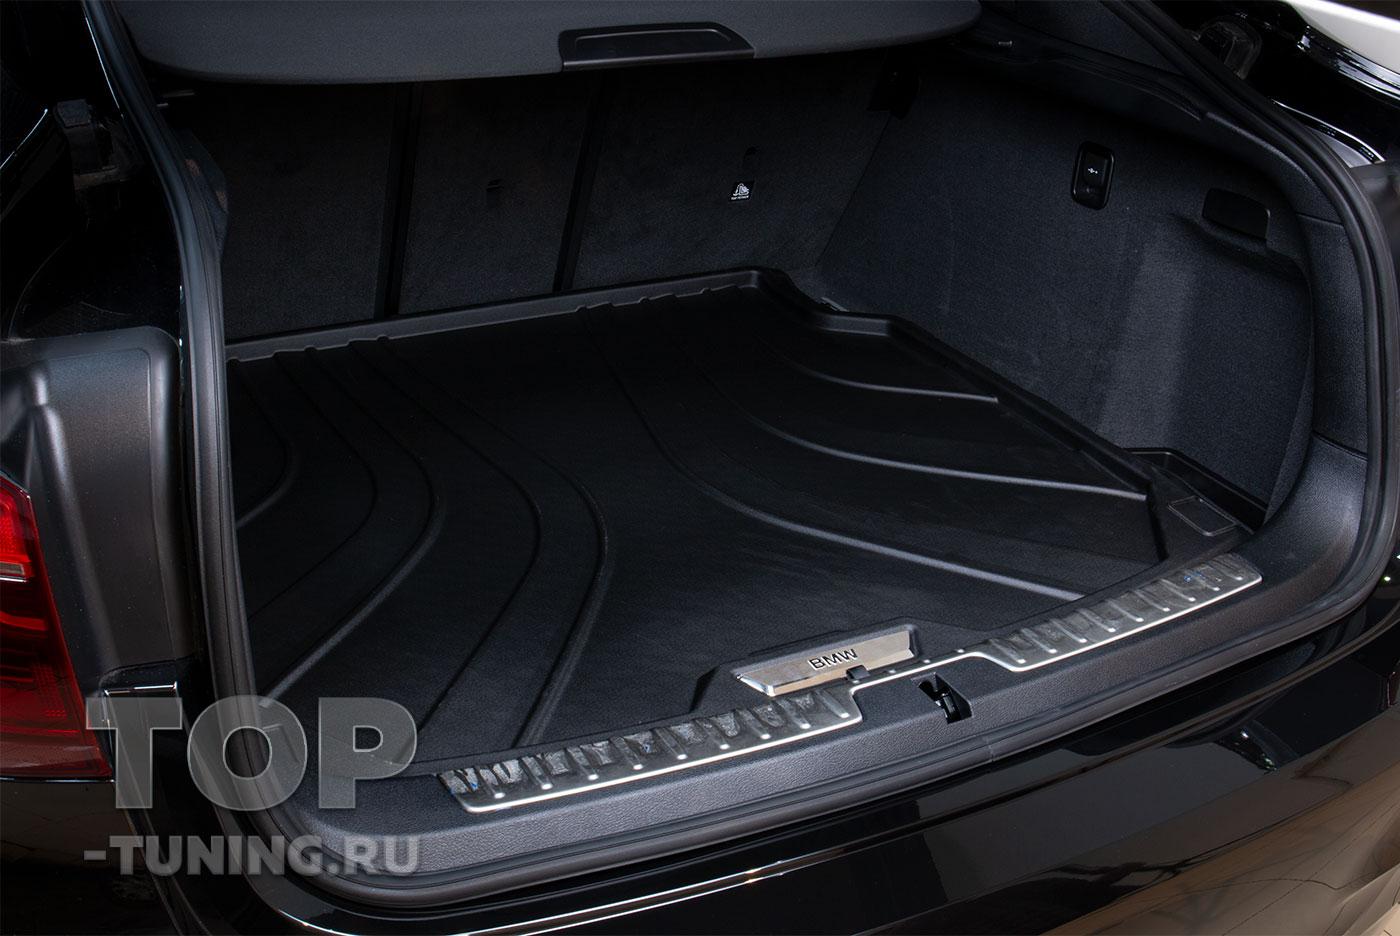 Коврик в багажник - противоскользящий, черный, оригинал